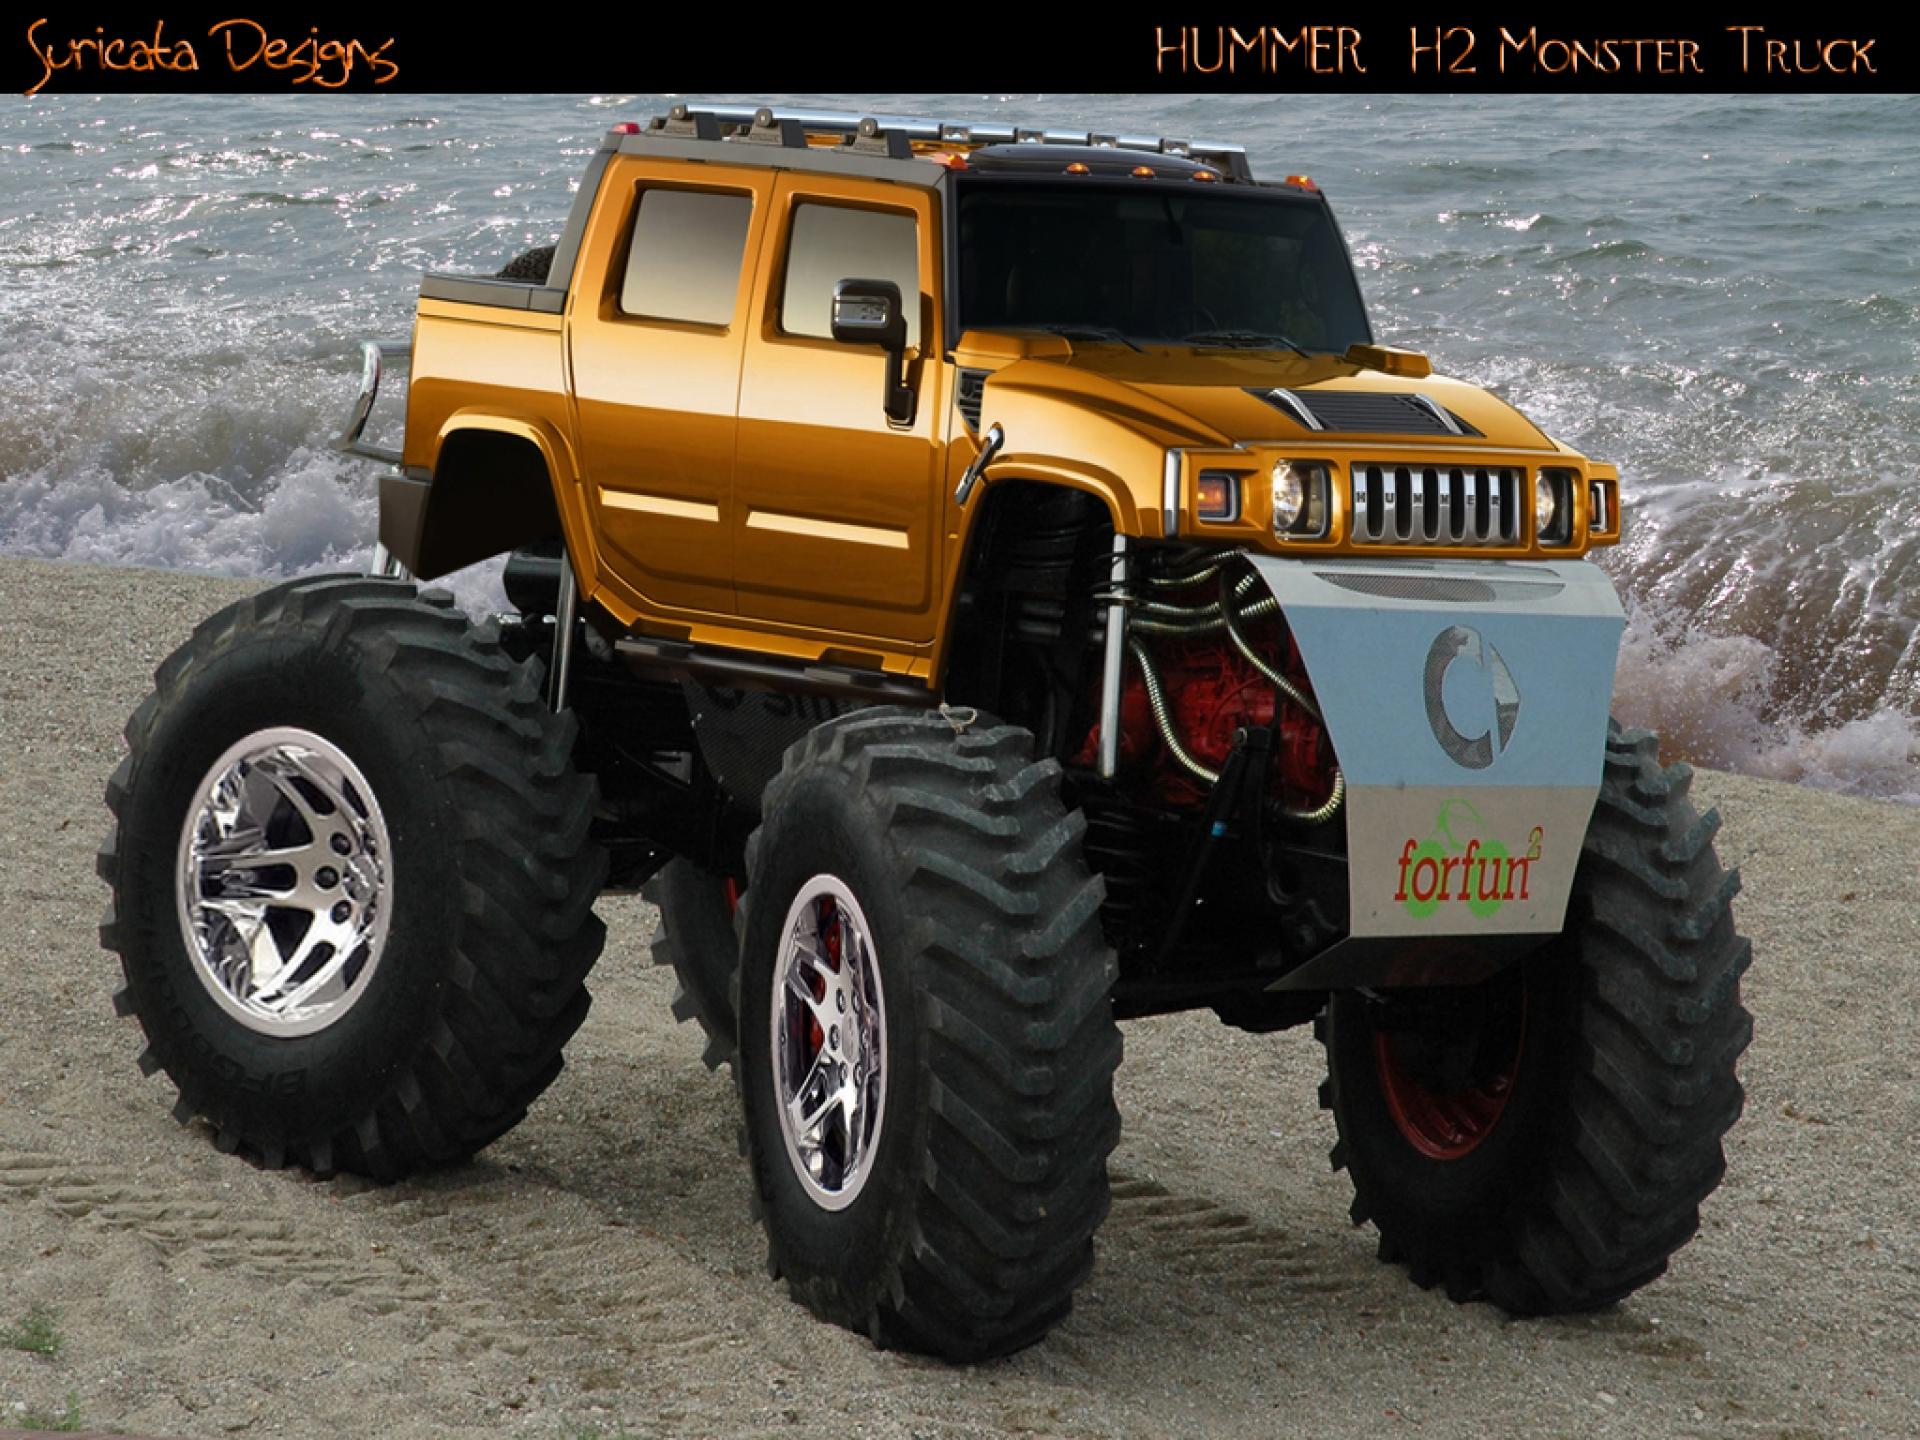 T Pico Hummer Monster Truck Wallpaper